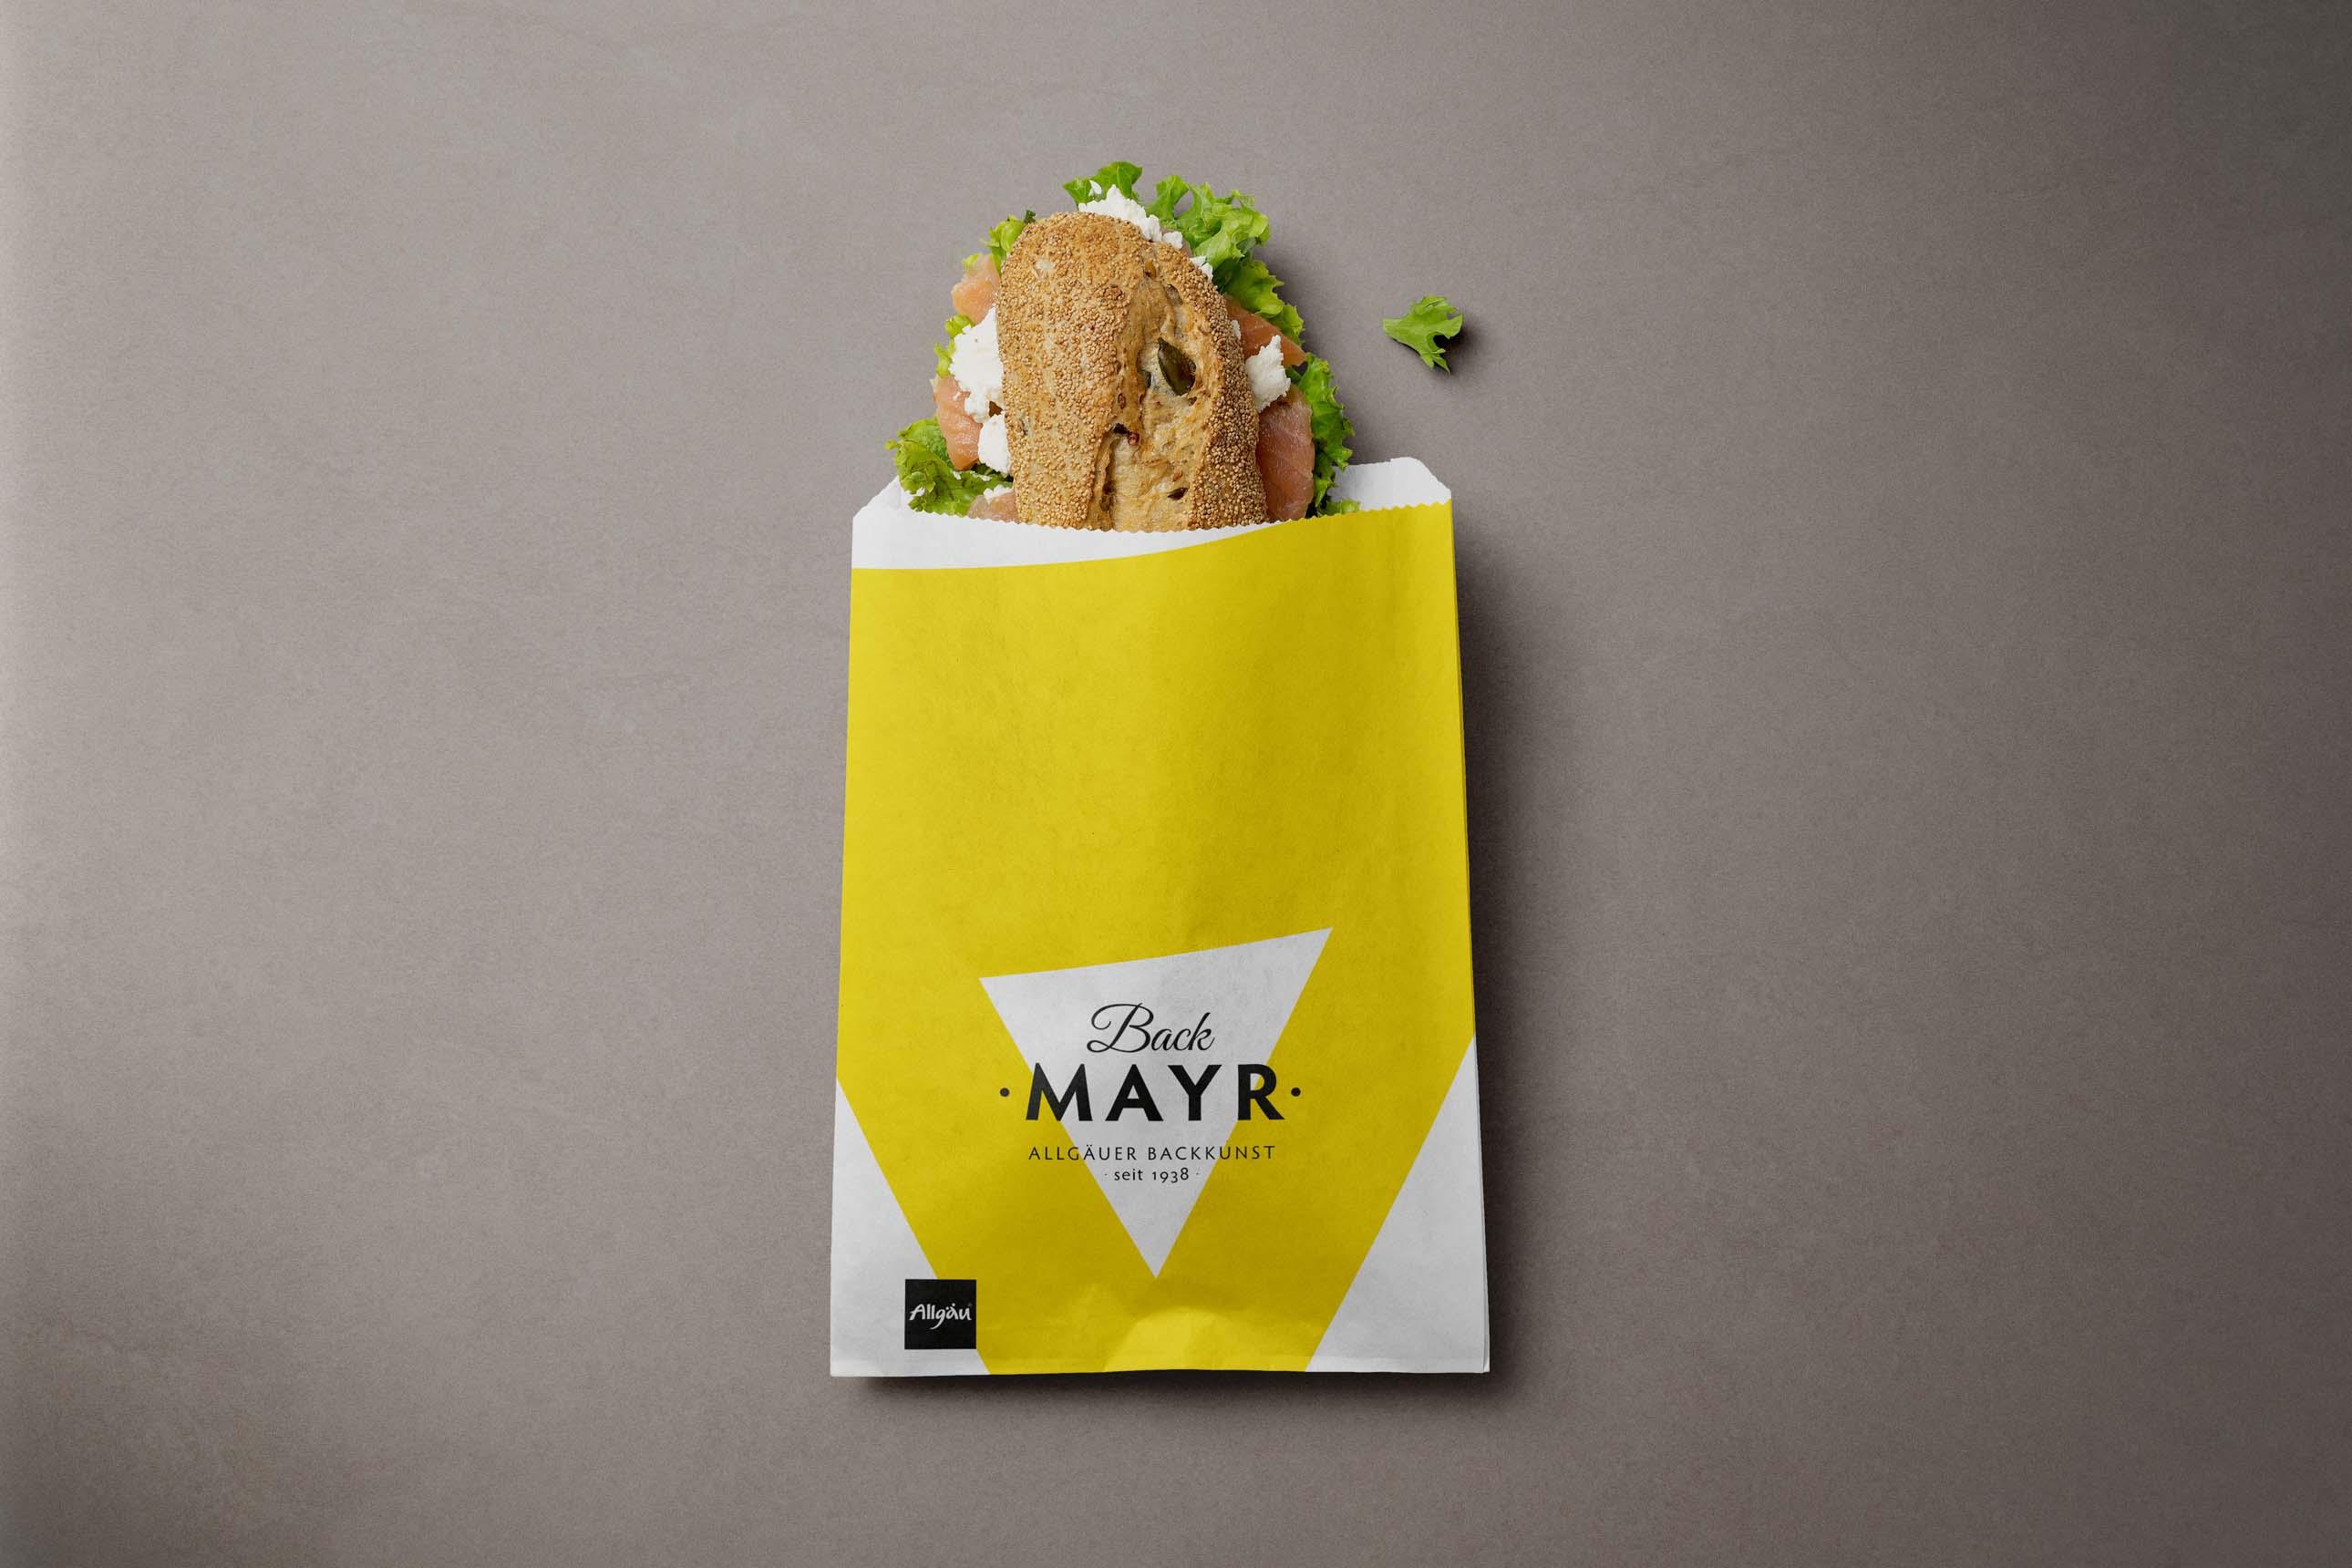 Neues Design für Bäckertüten im passenden Corporate Design von Bäckerei Back Mayr